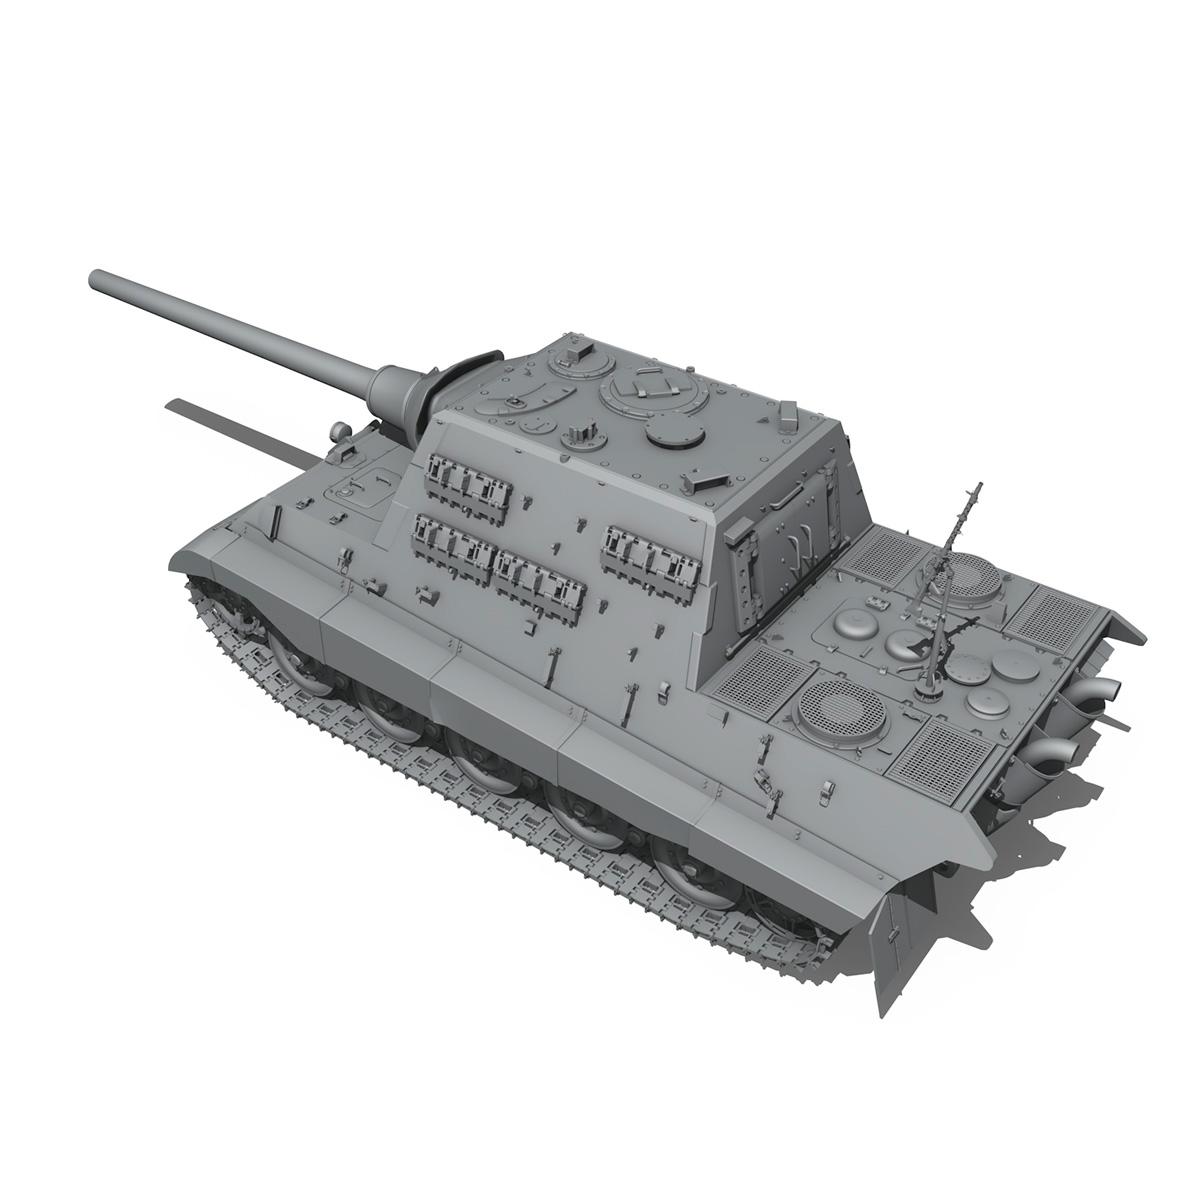 sd.kfz 186 jagdtiger hunting tiger 3d model 3ds fbx c4d lwo obj 189962